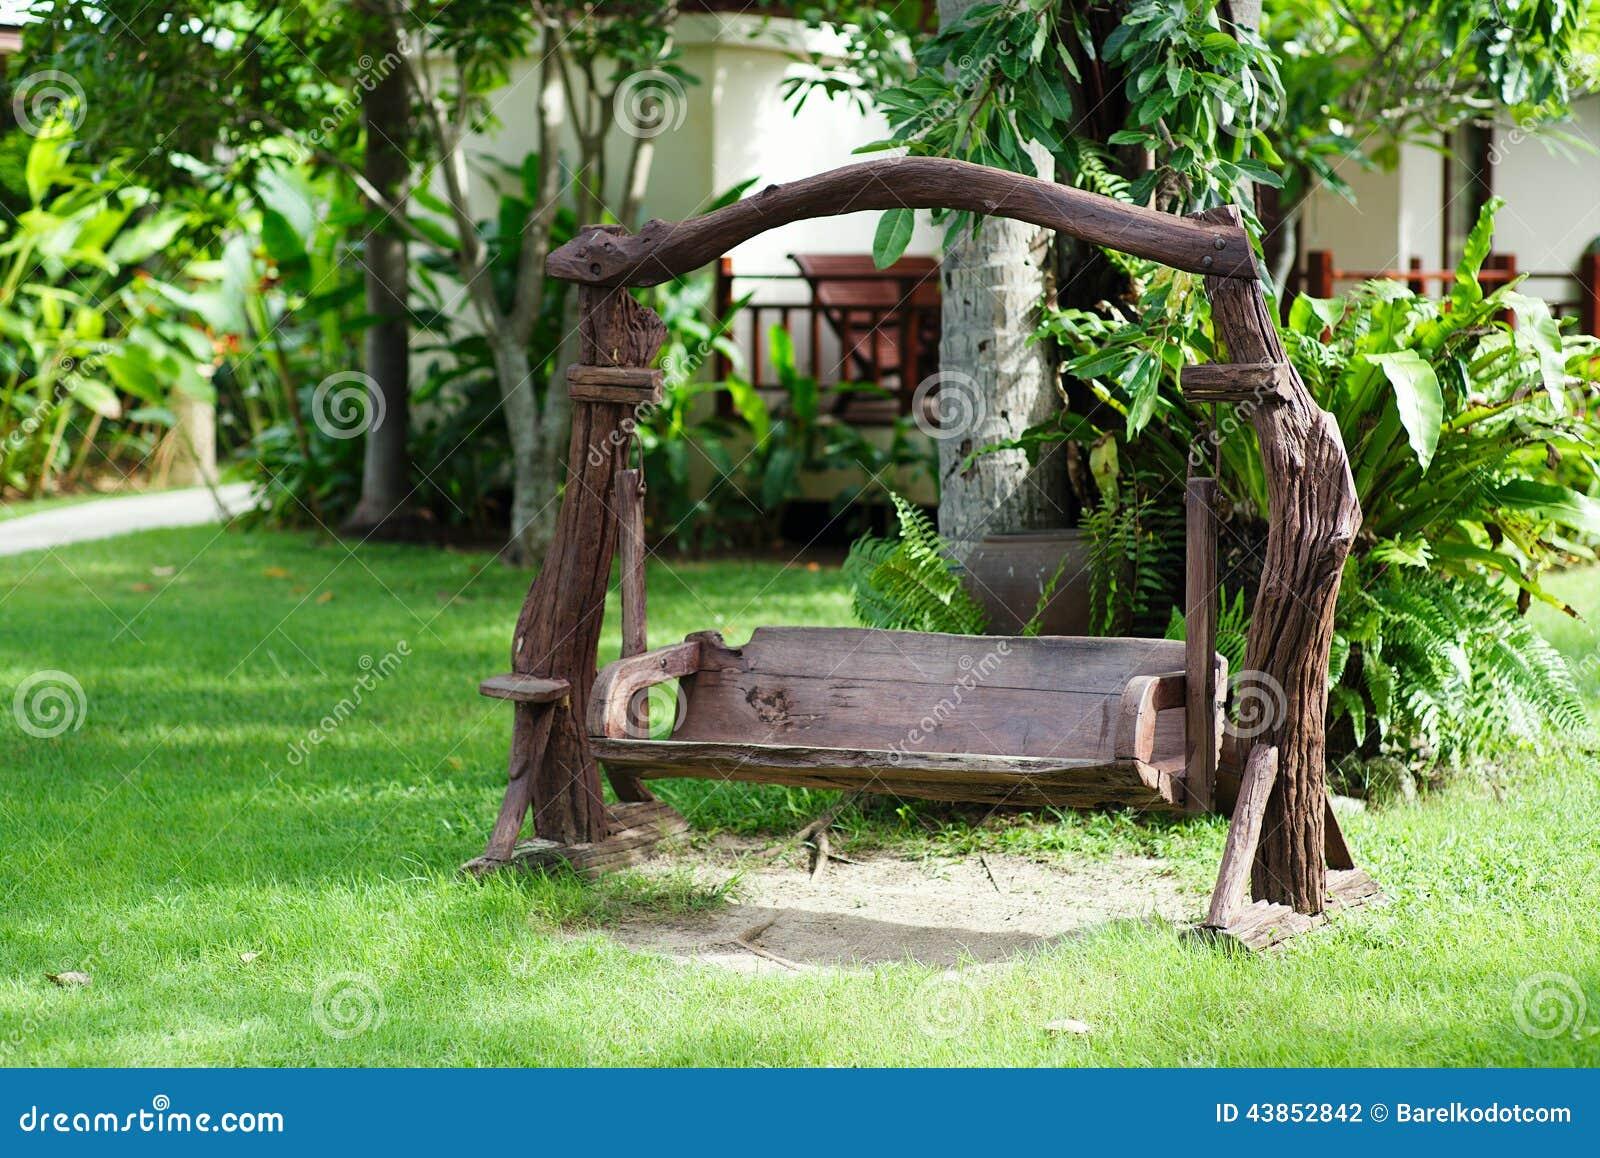 Balanço De Madeira Velho No Jardim Verde Foto de Stock Imagem  #427724 1300x958